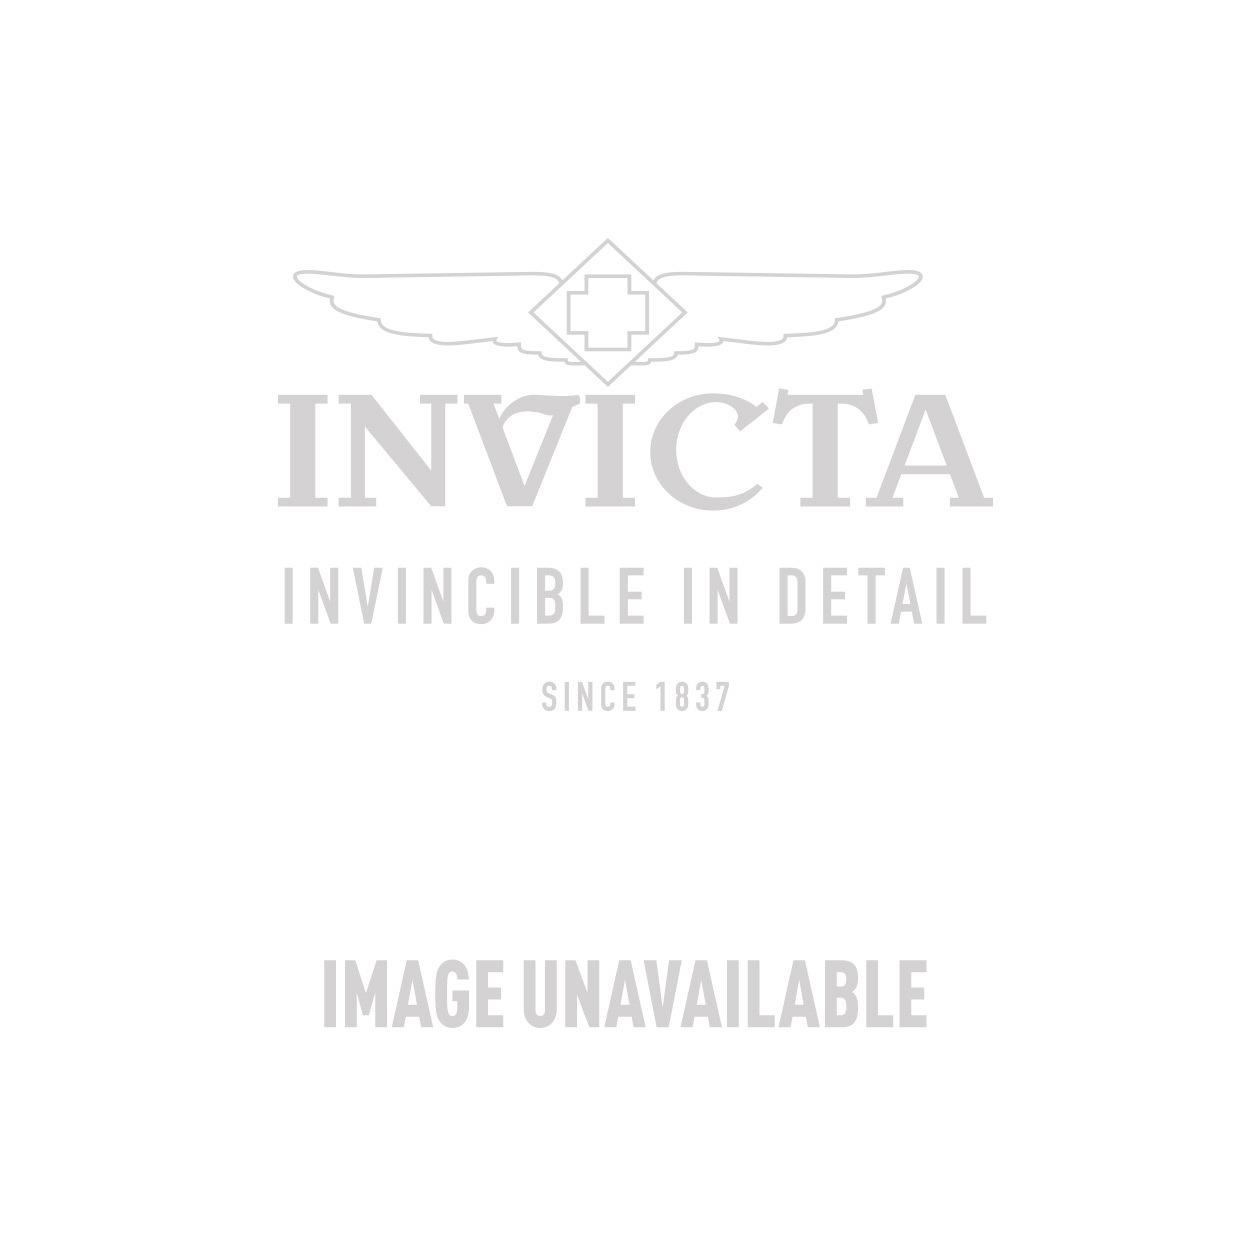 Invicta Model 25490